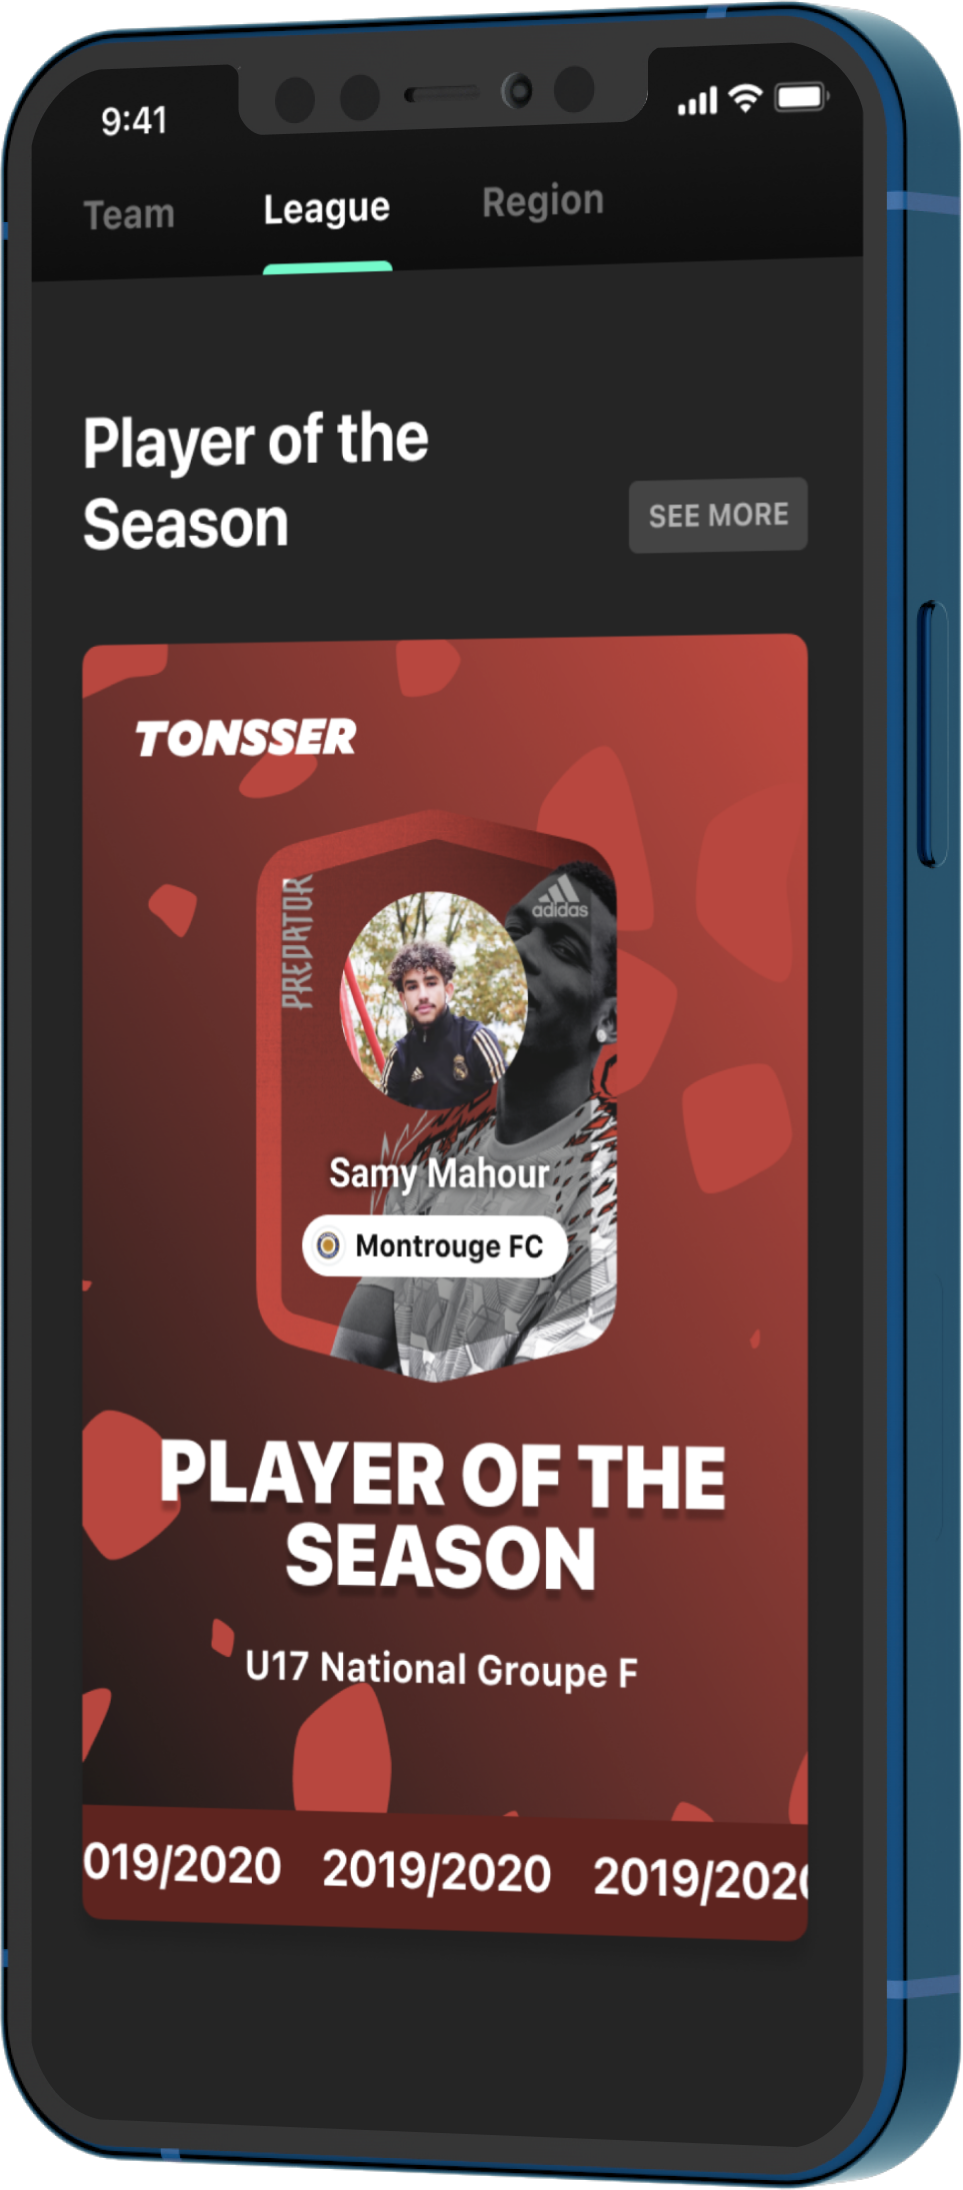 Phone photo of app